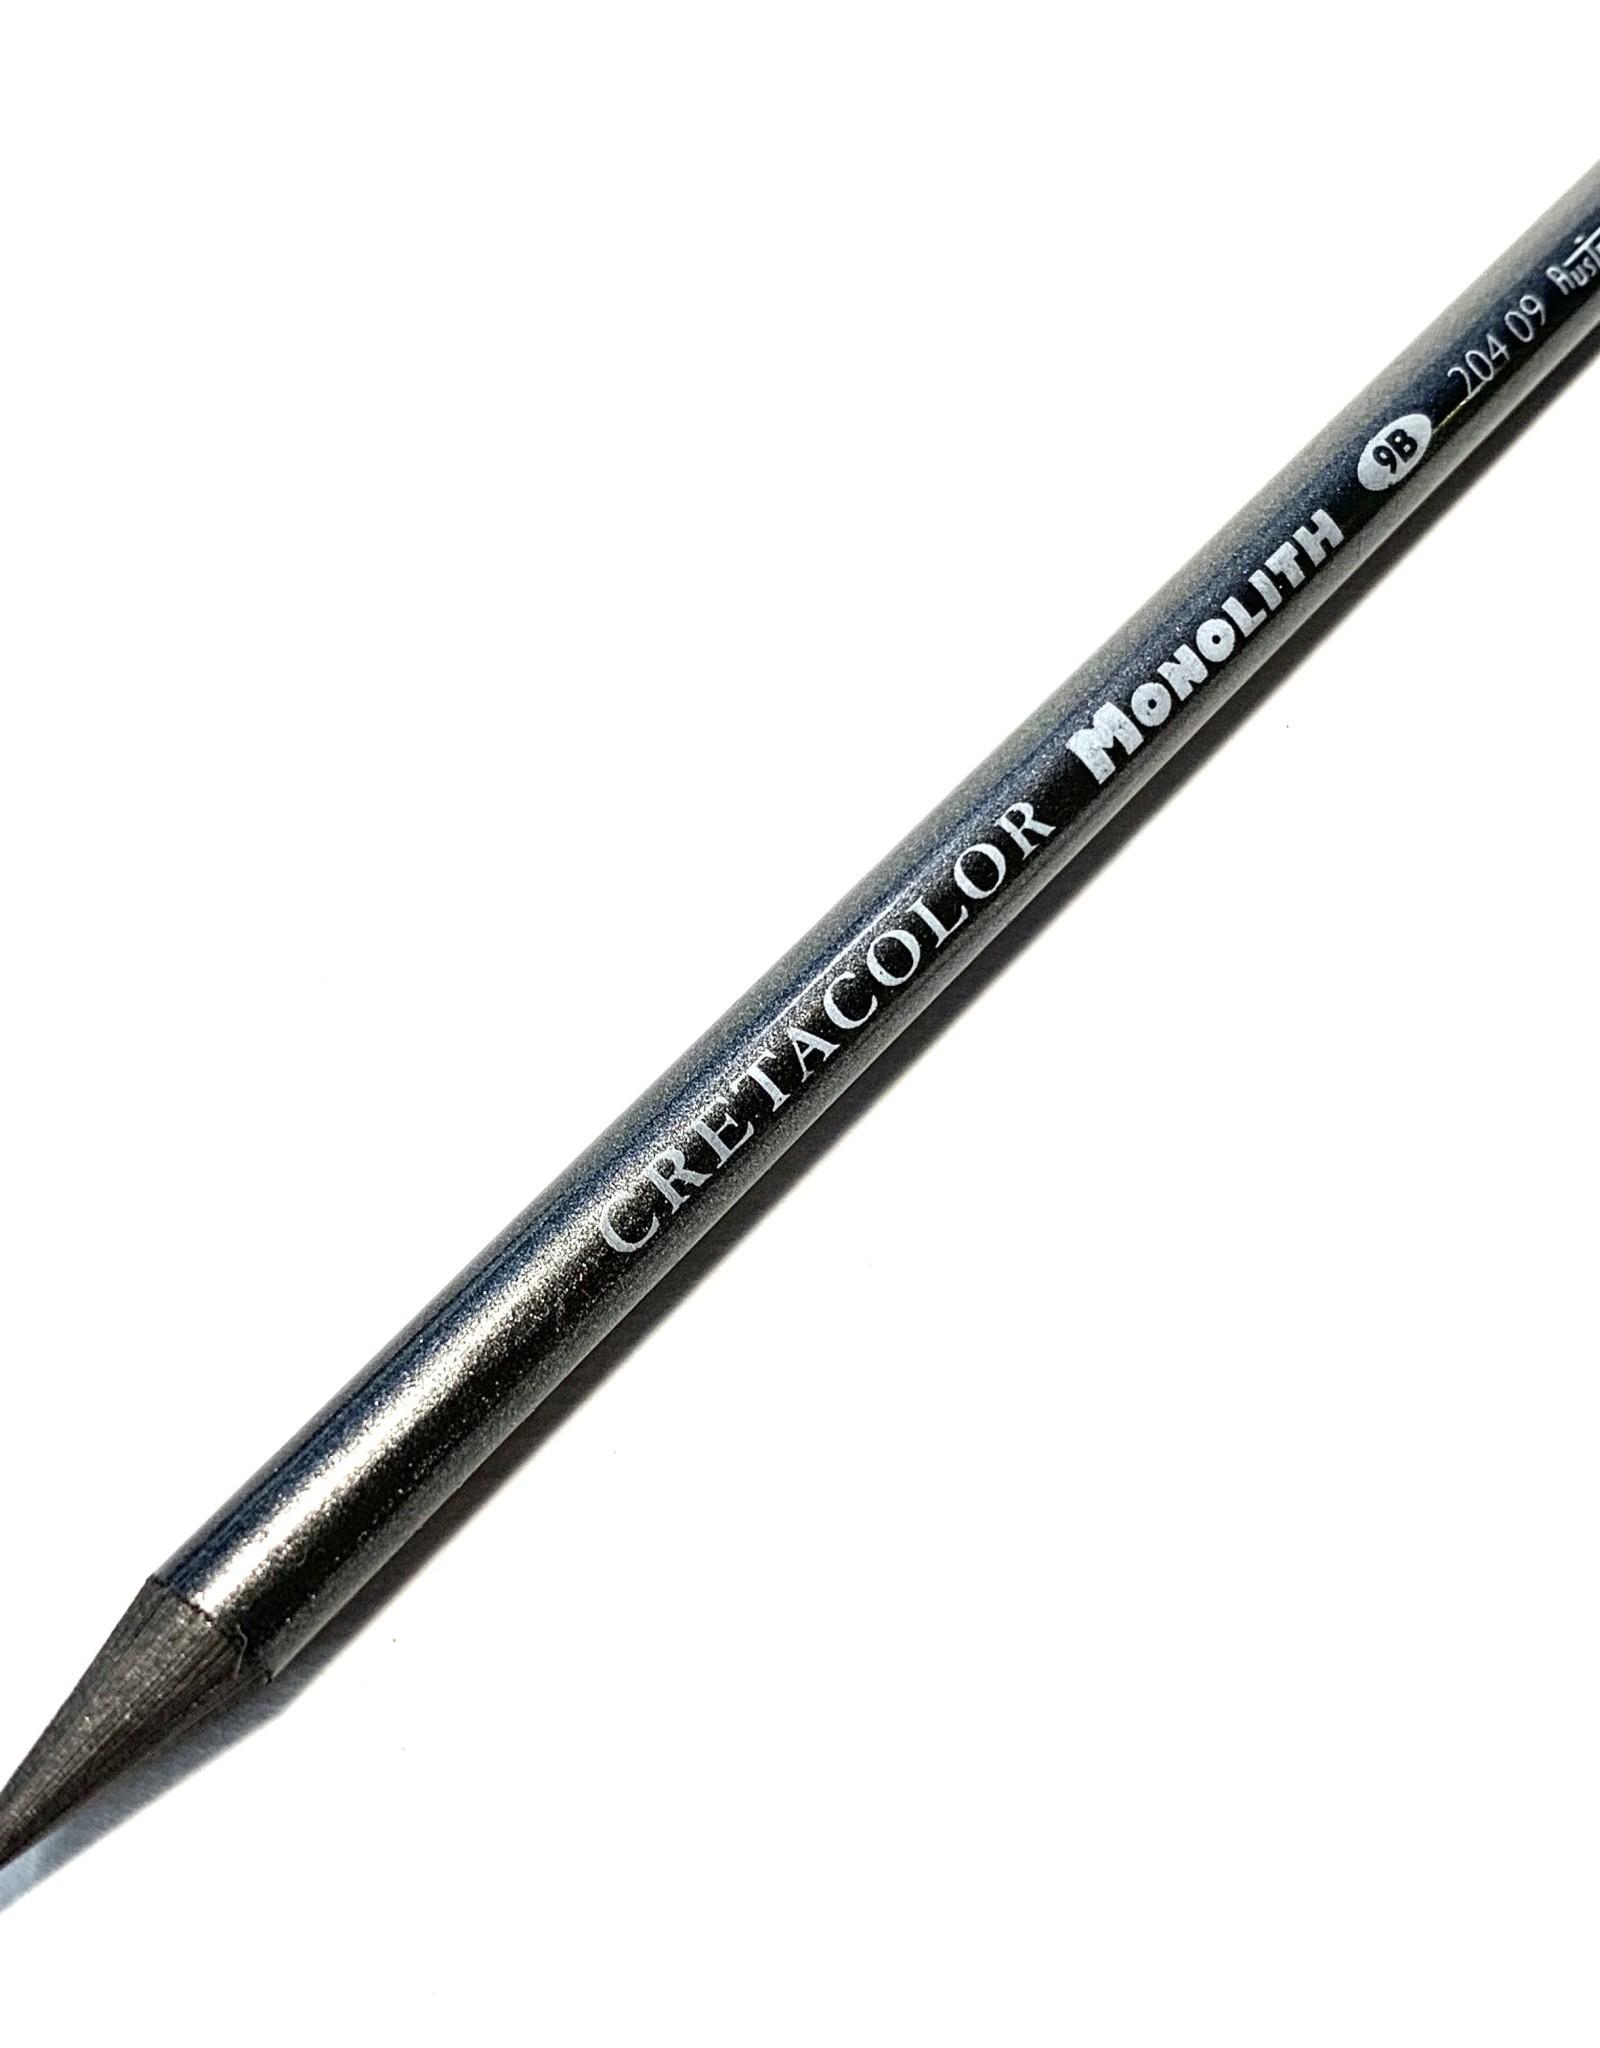 Cretacolor Monolith Woodless Graphite Pencil, 9B